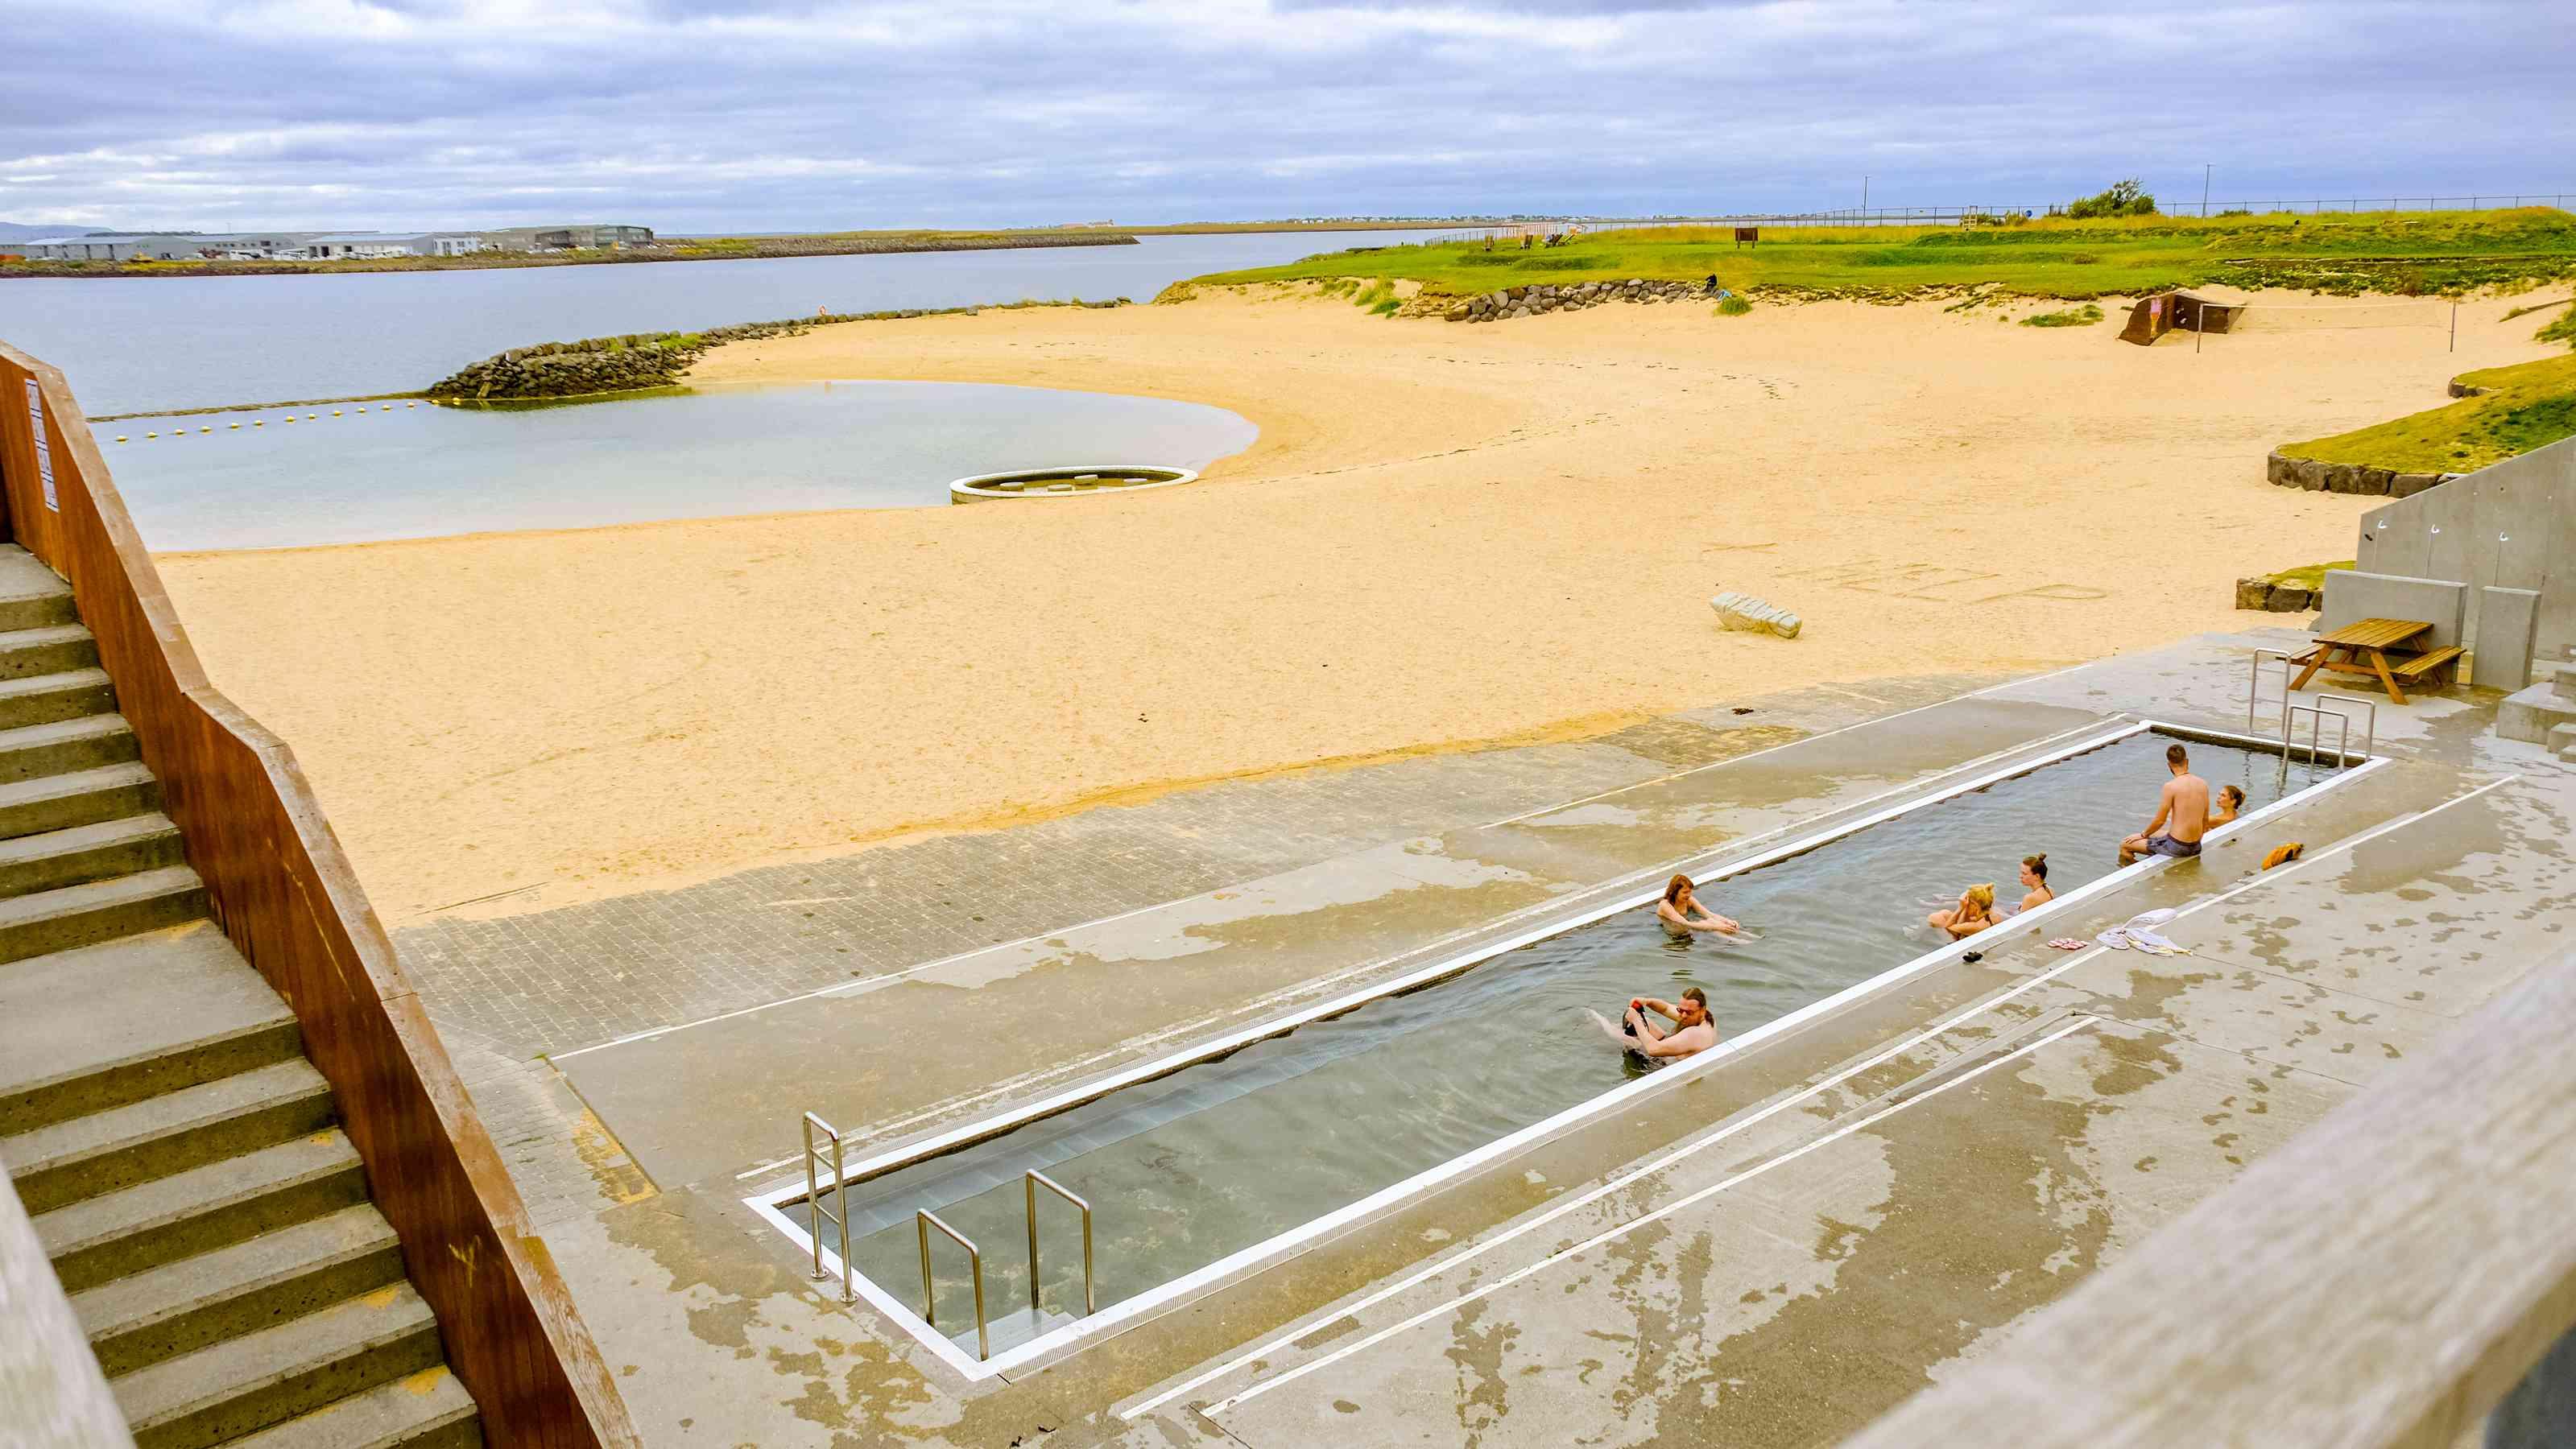 Playa Nautholsvik